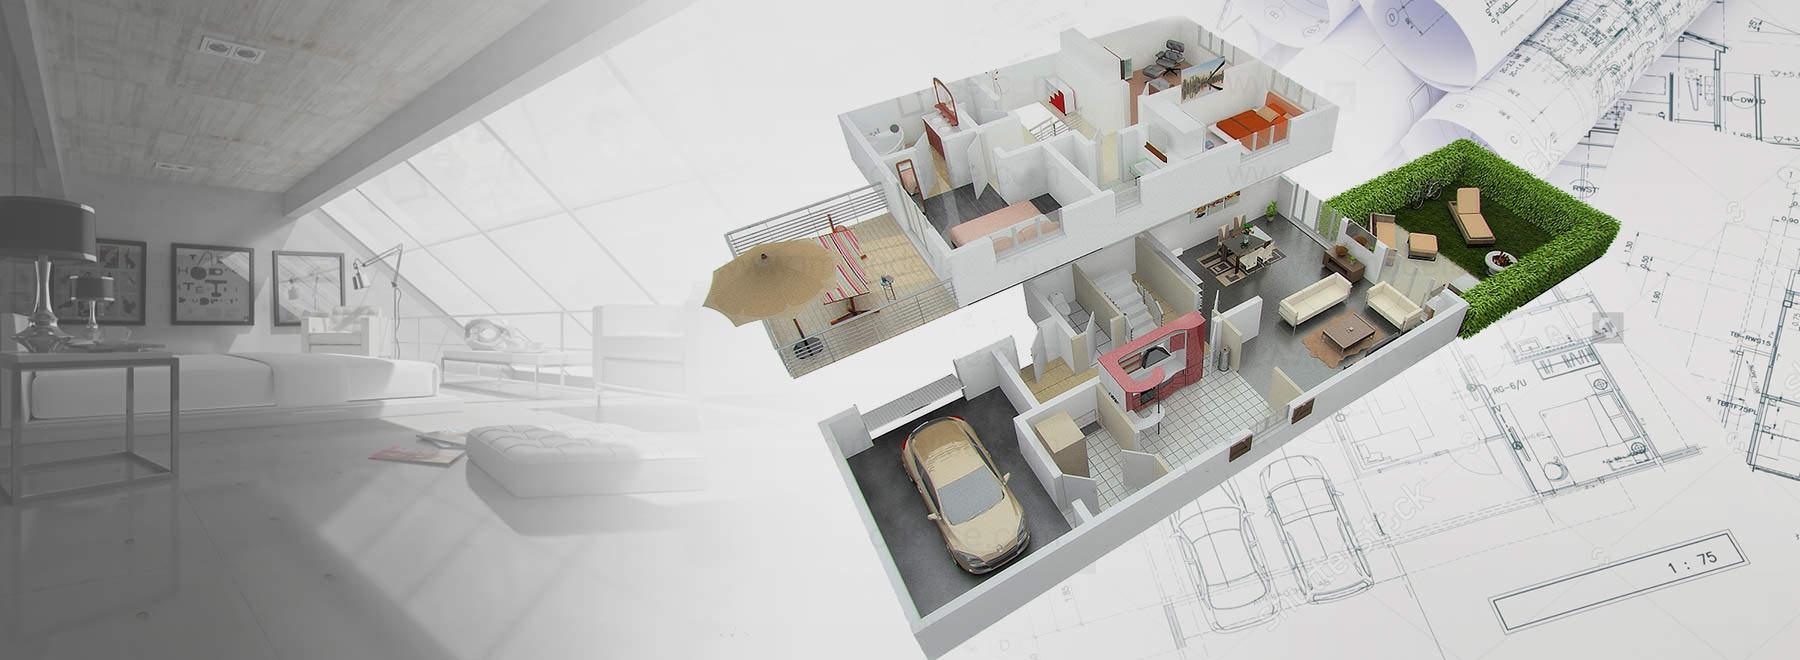 projektowanie wnętrz w 3D